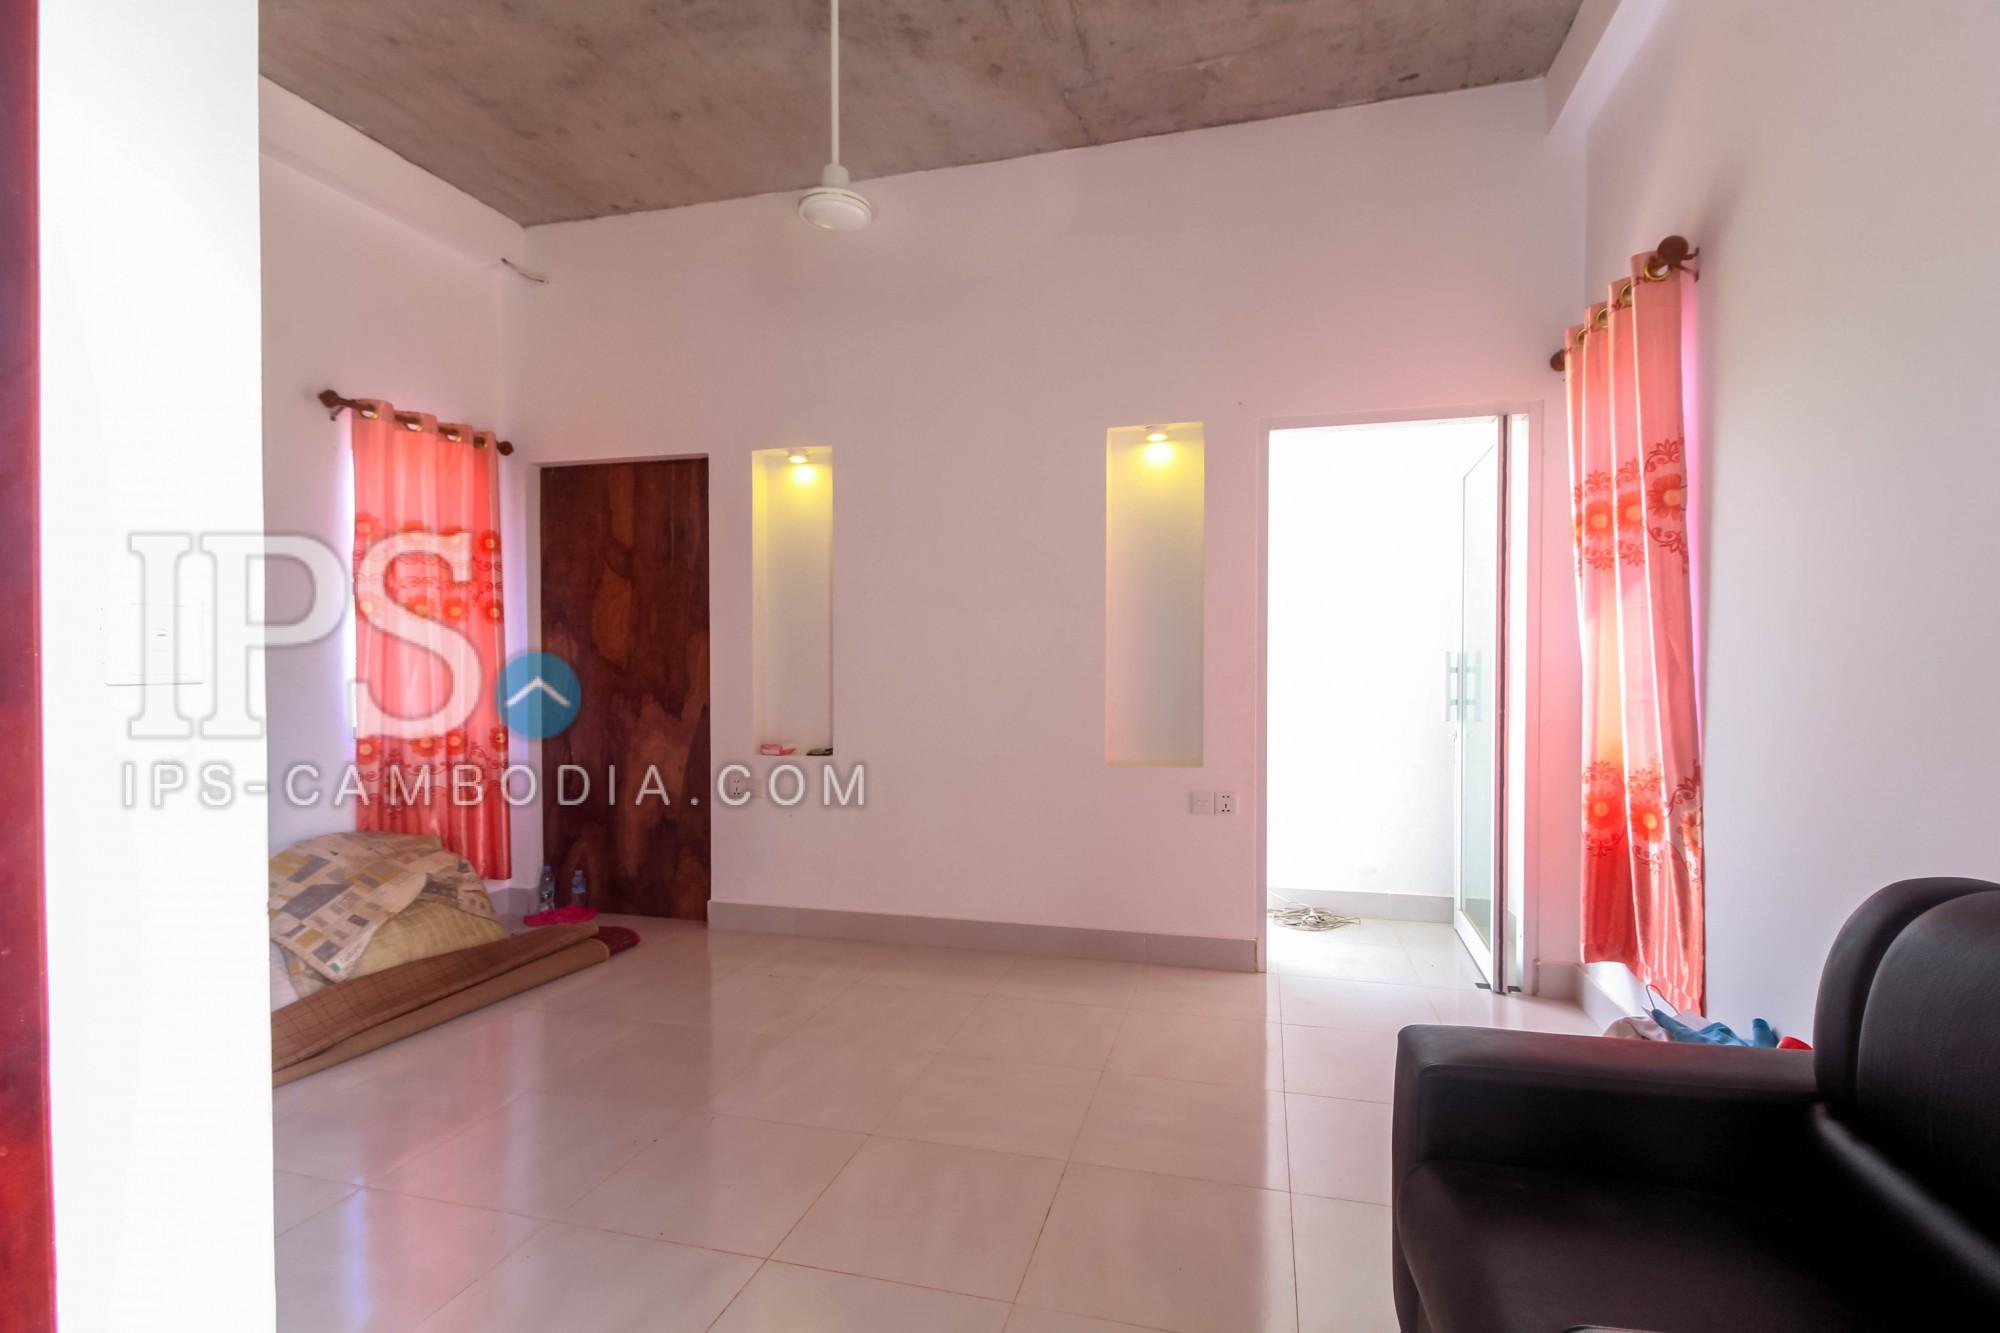 3 Bedroom  House For Rent - Sangkat Chreav, Siem Reap